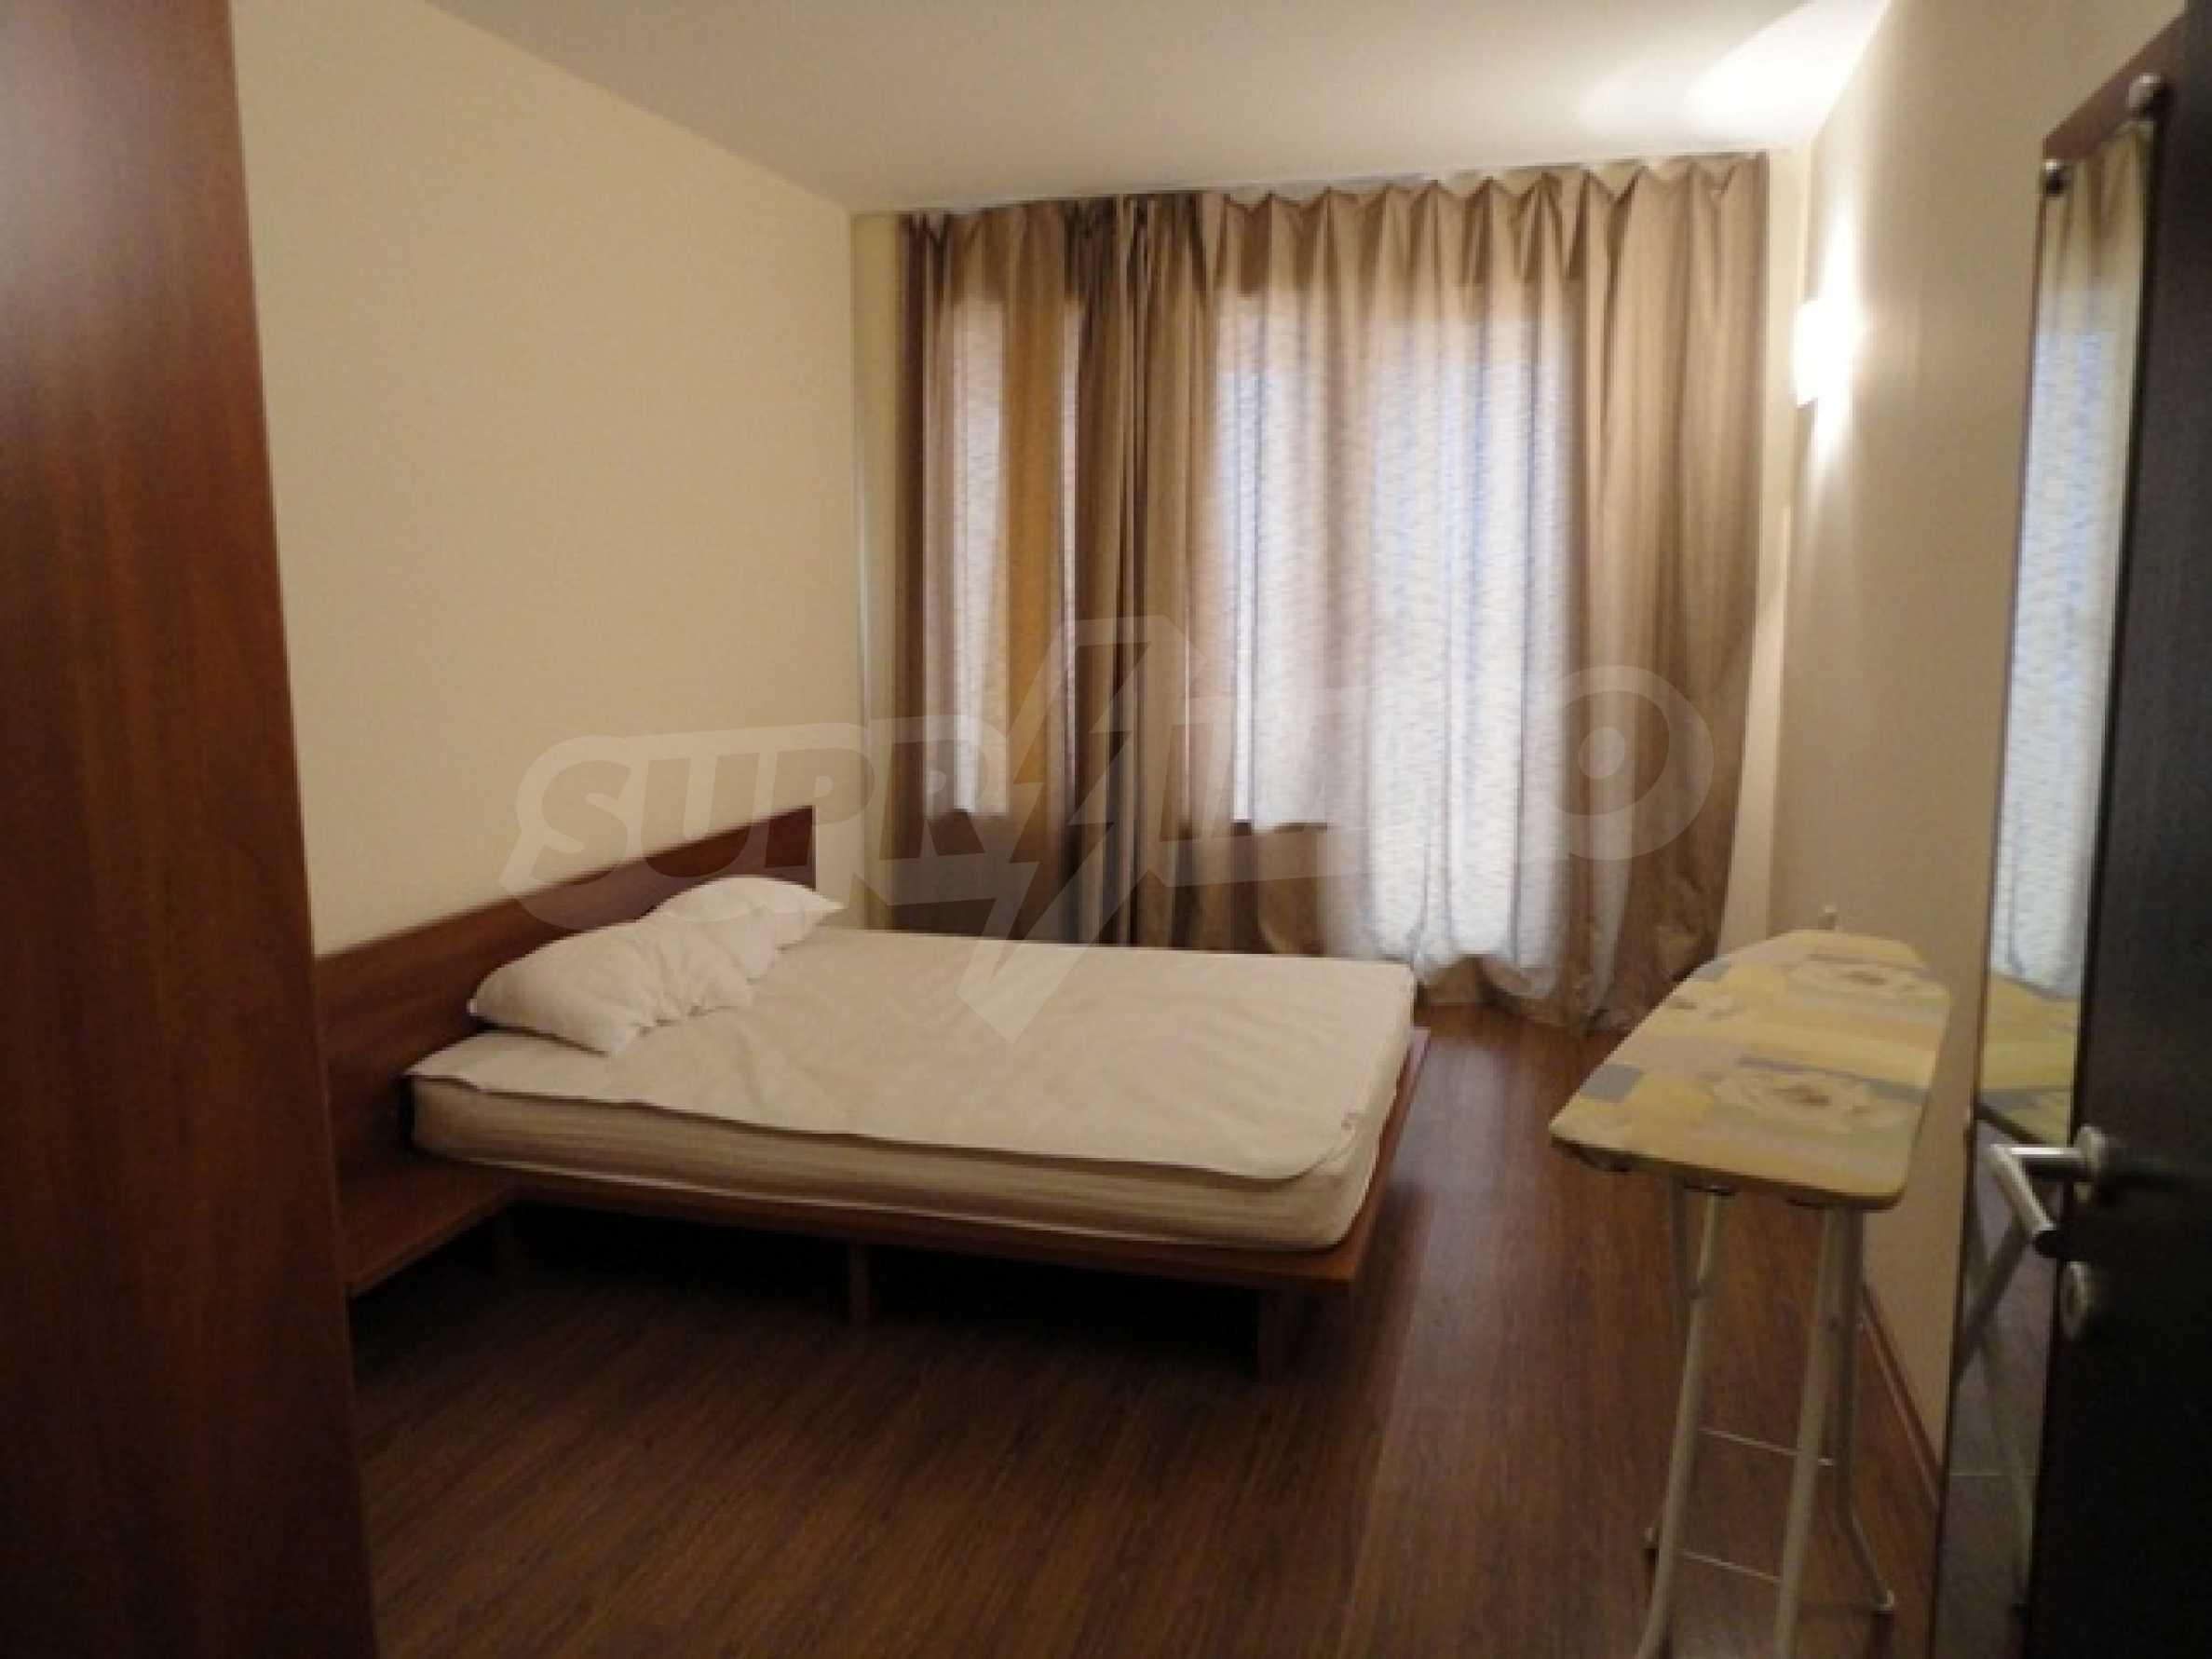 Трехкомнатная квартира «Регина» 16